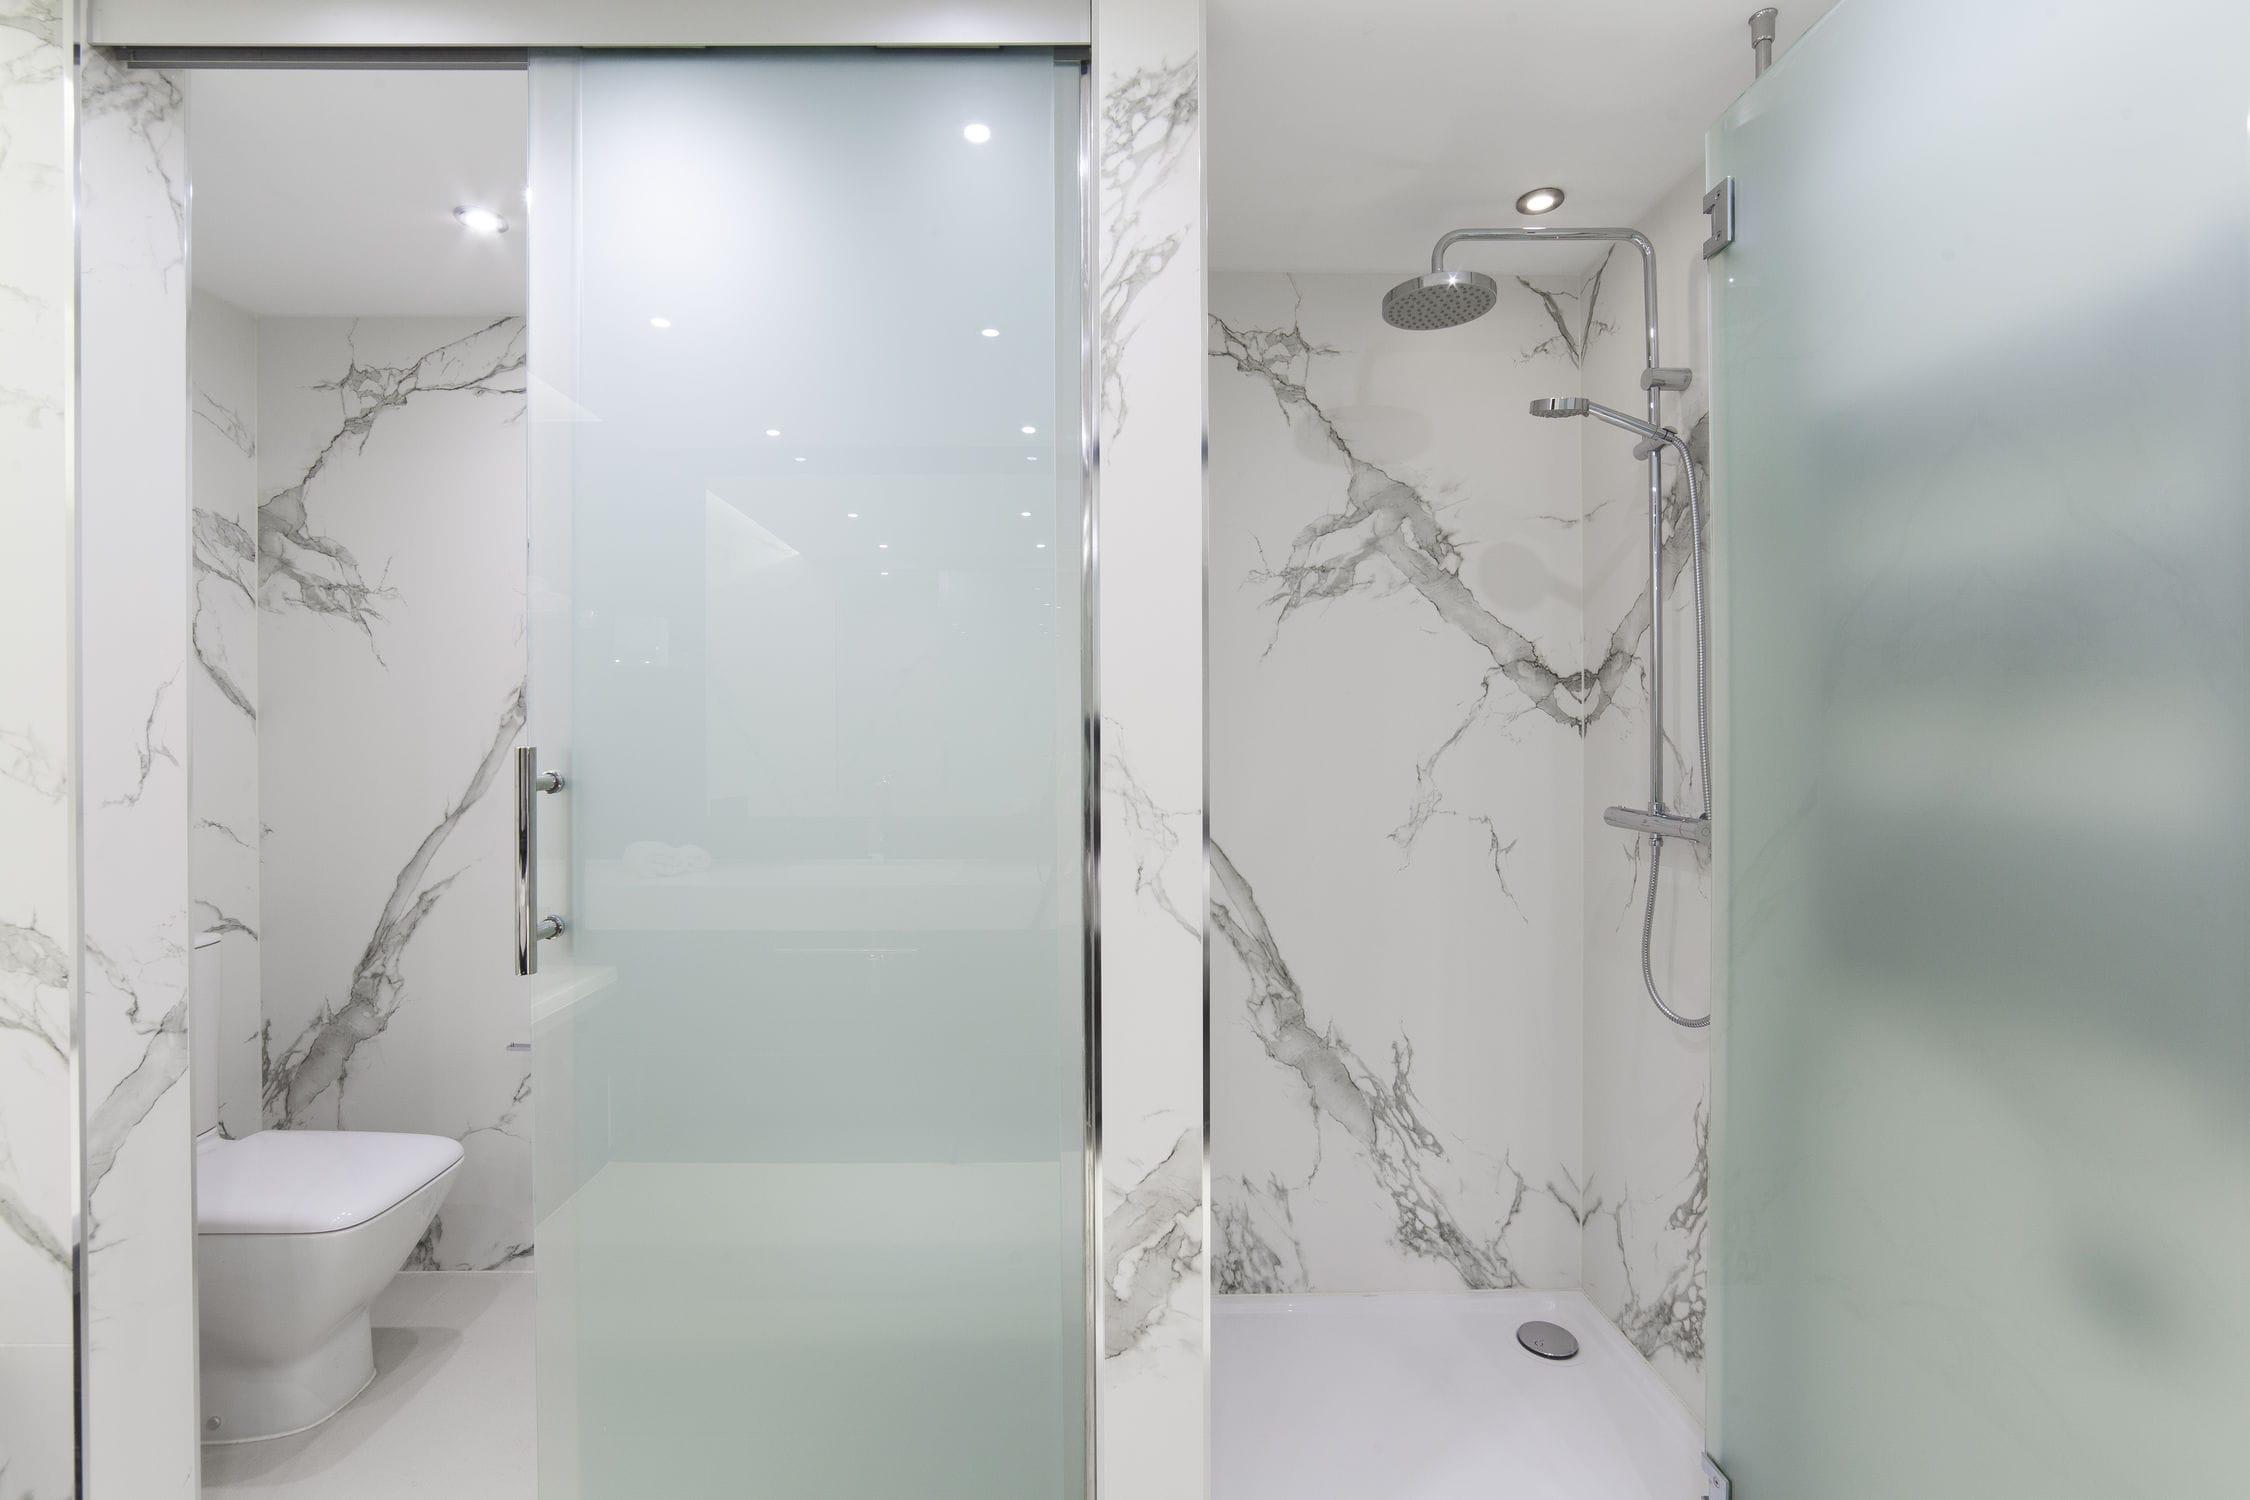 Modulo prefabbricato per stanza da bagno per camera d hotel